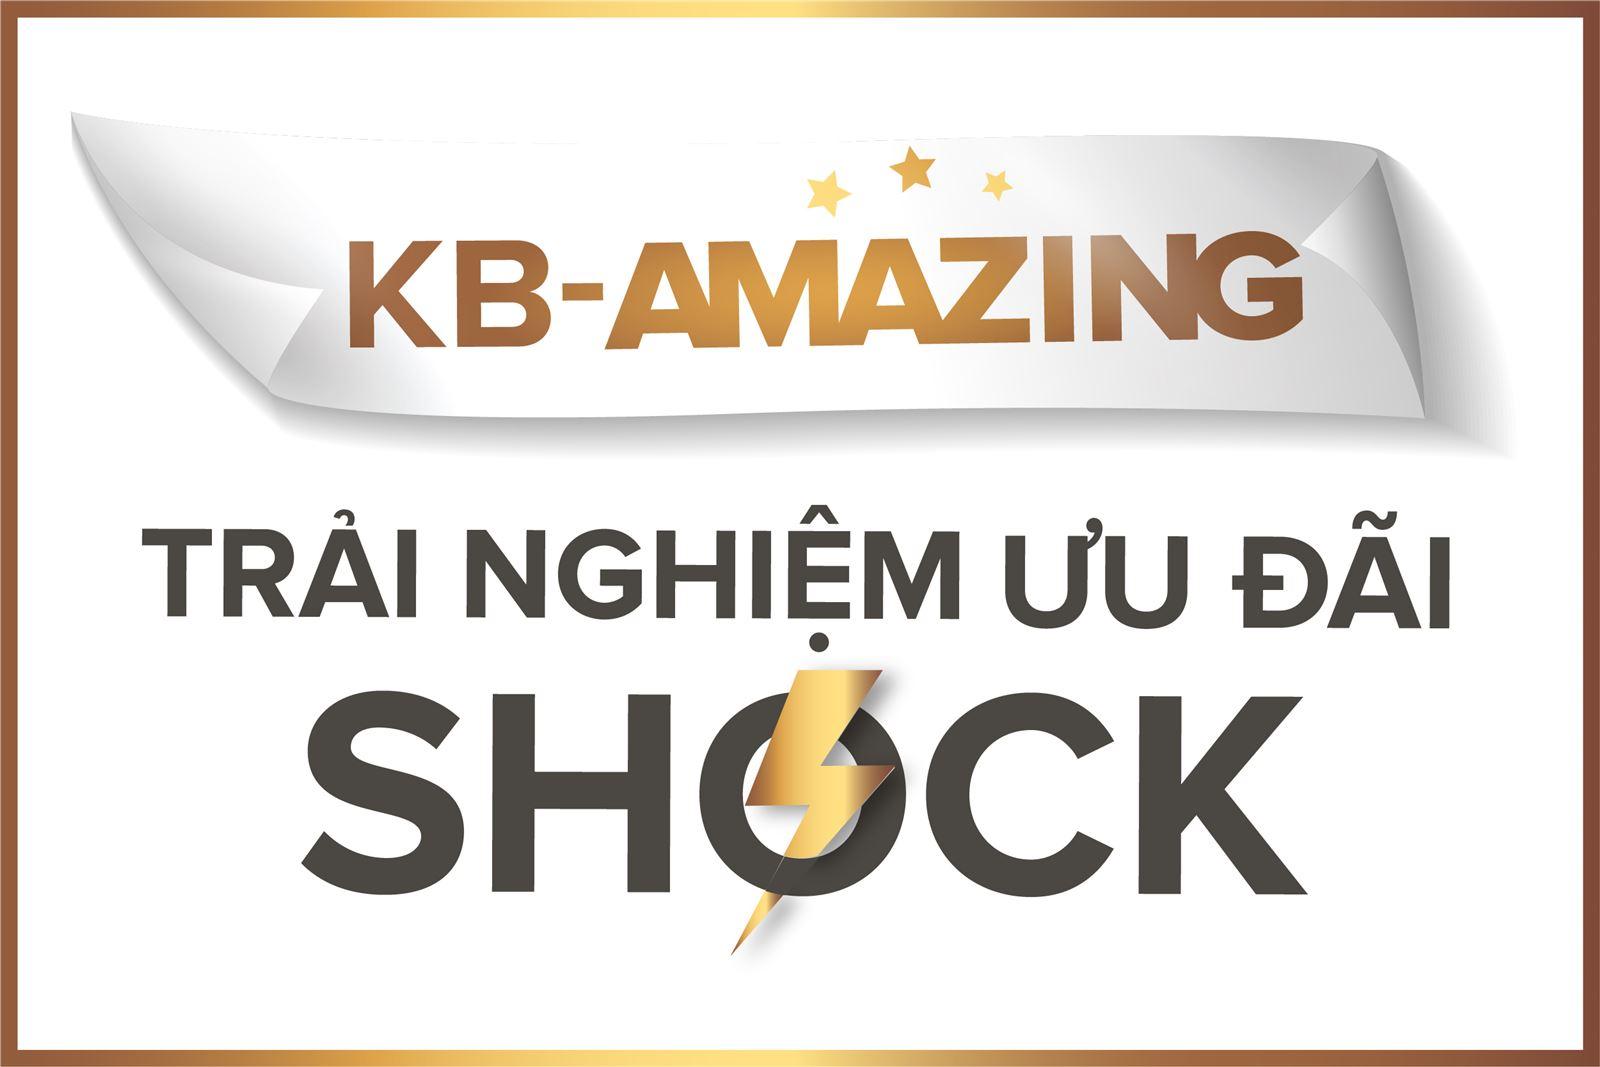 Ưu đãi KB-Amazing